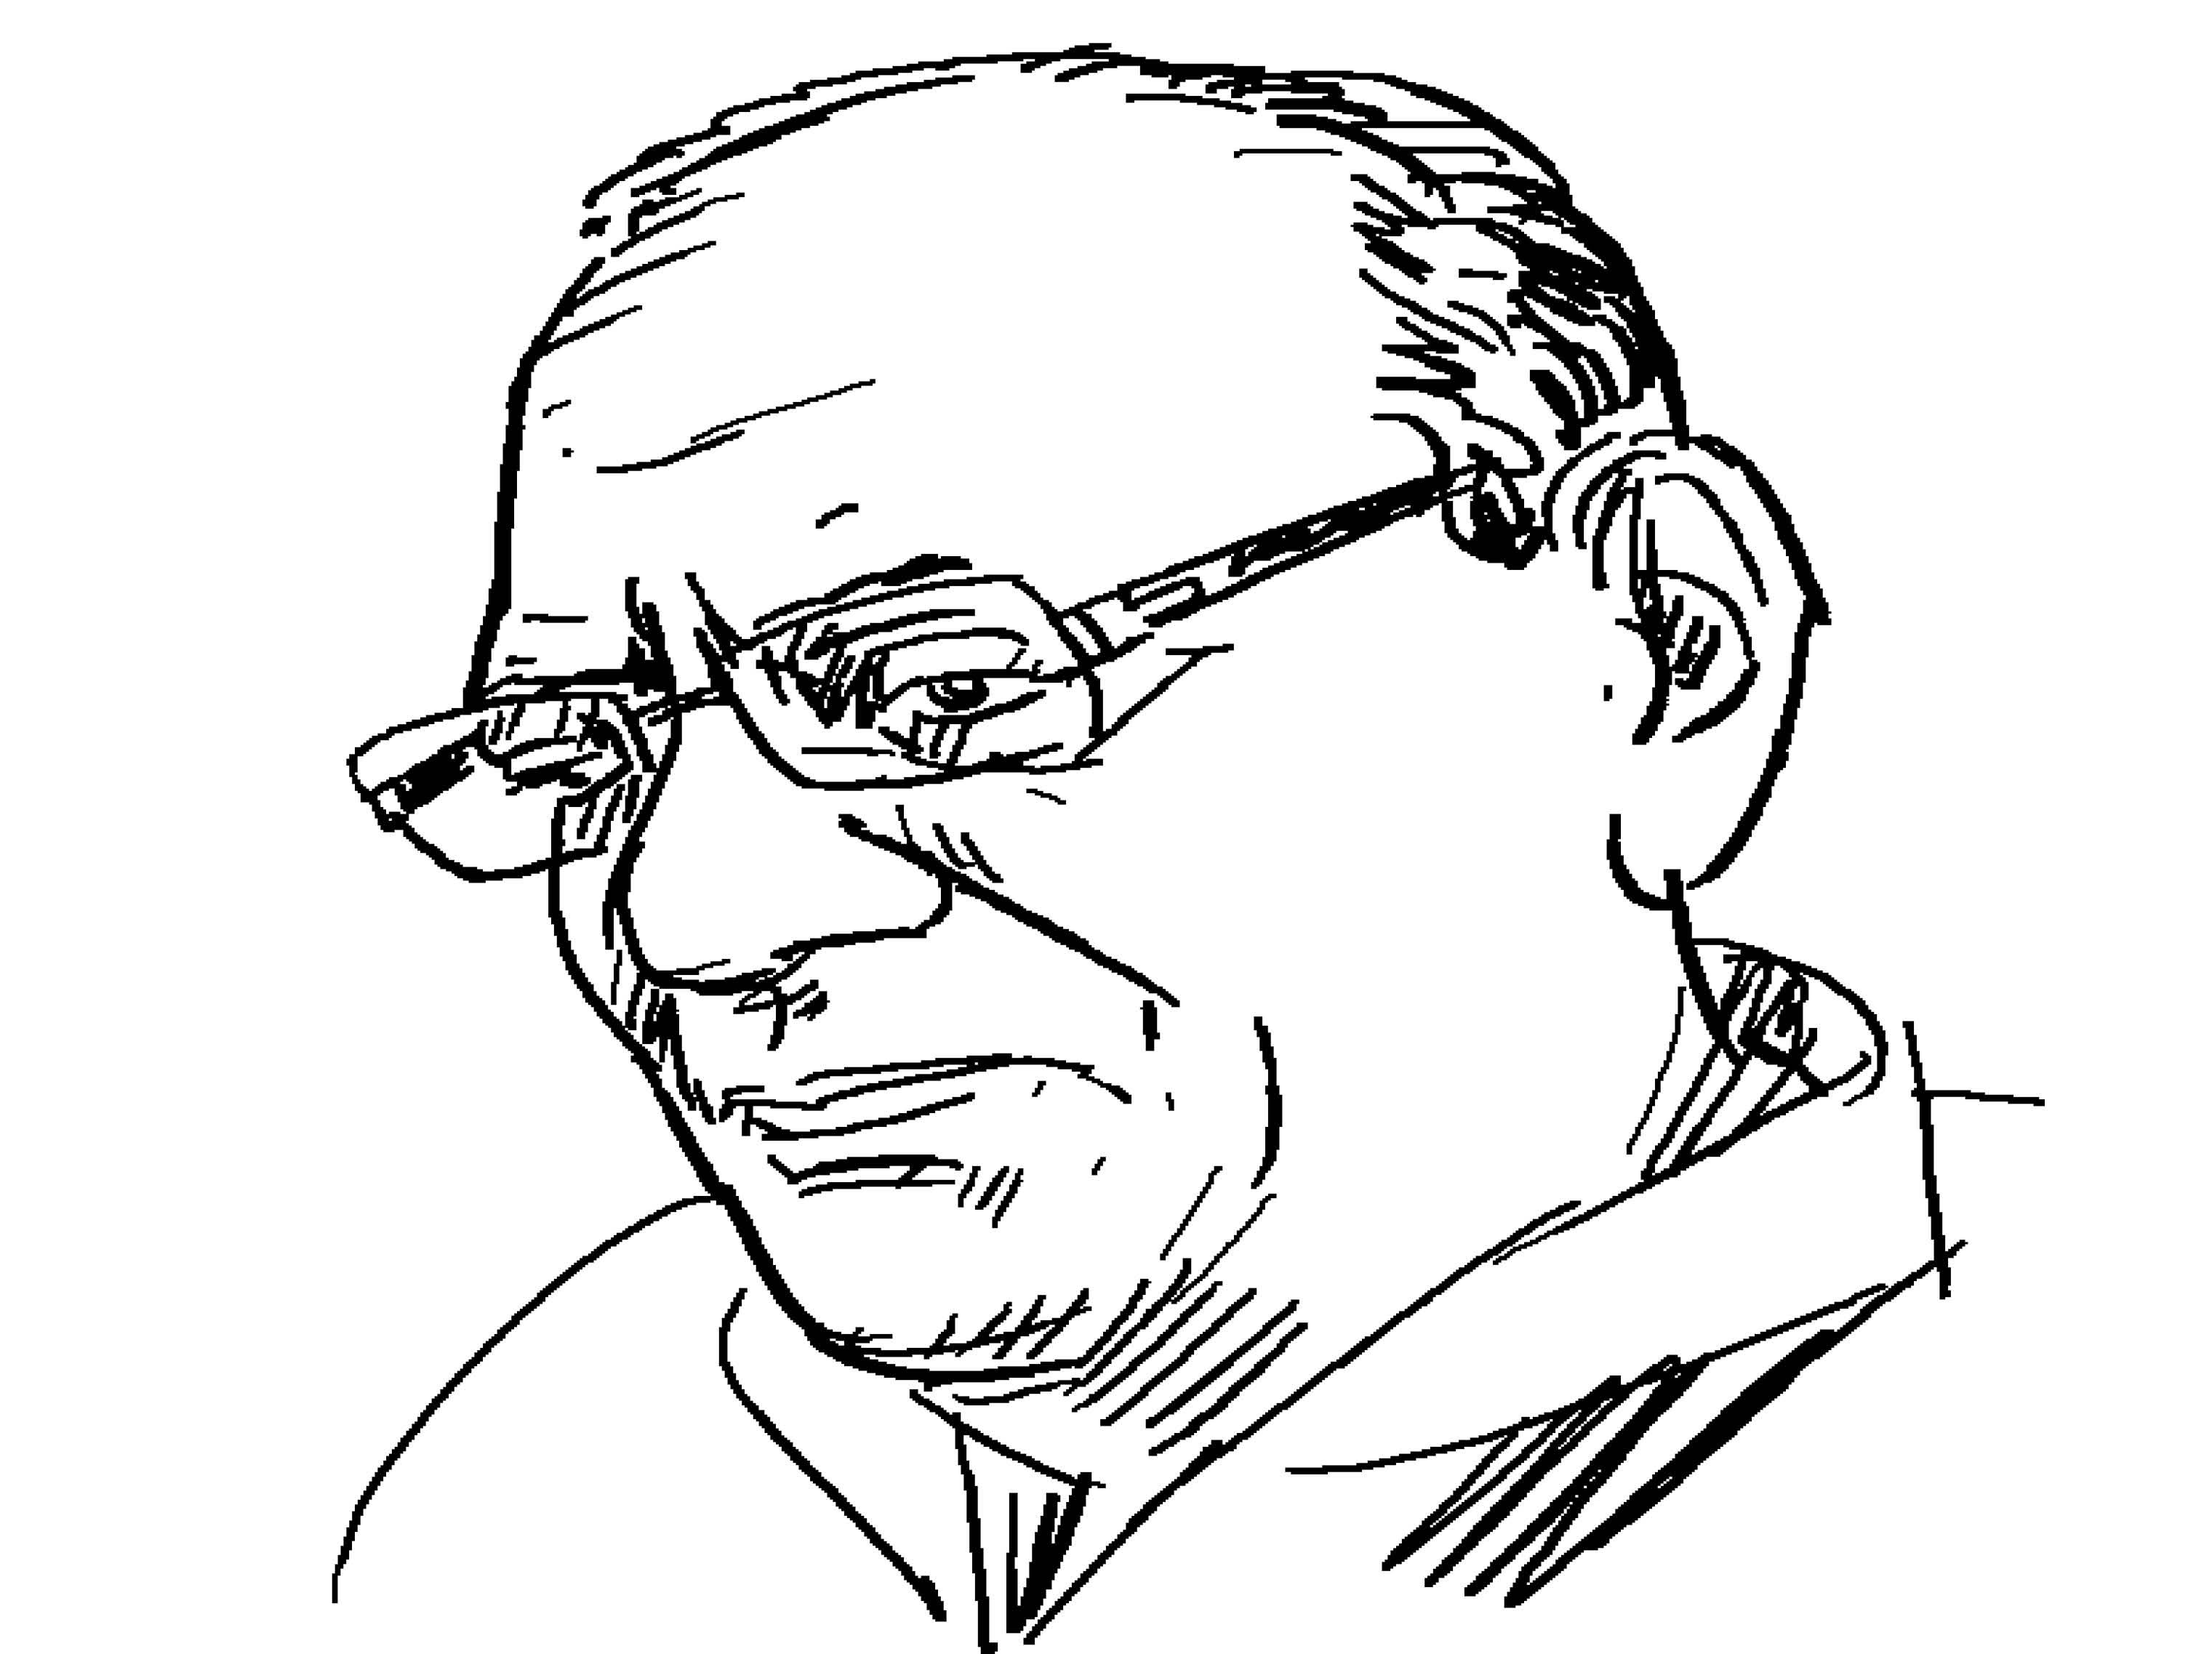 पूर्व वित्त मंत्री राघवजी ने कहा: बजट से ज्यादा कर्ज आर्थिक सेहत के लिए ठीक नहीं है